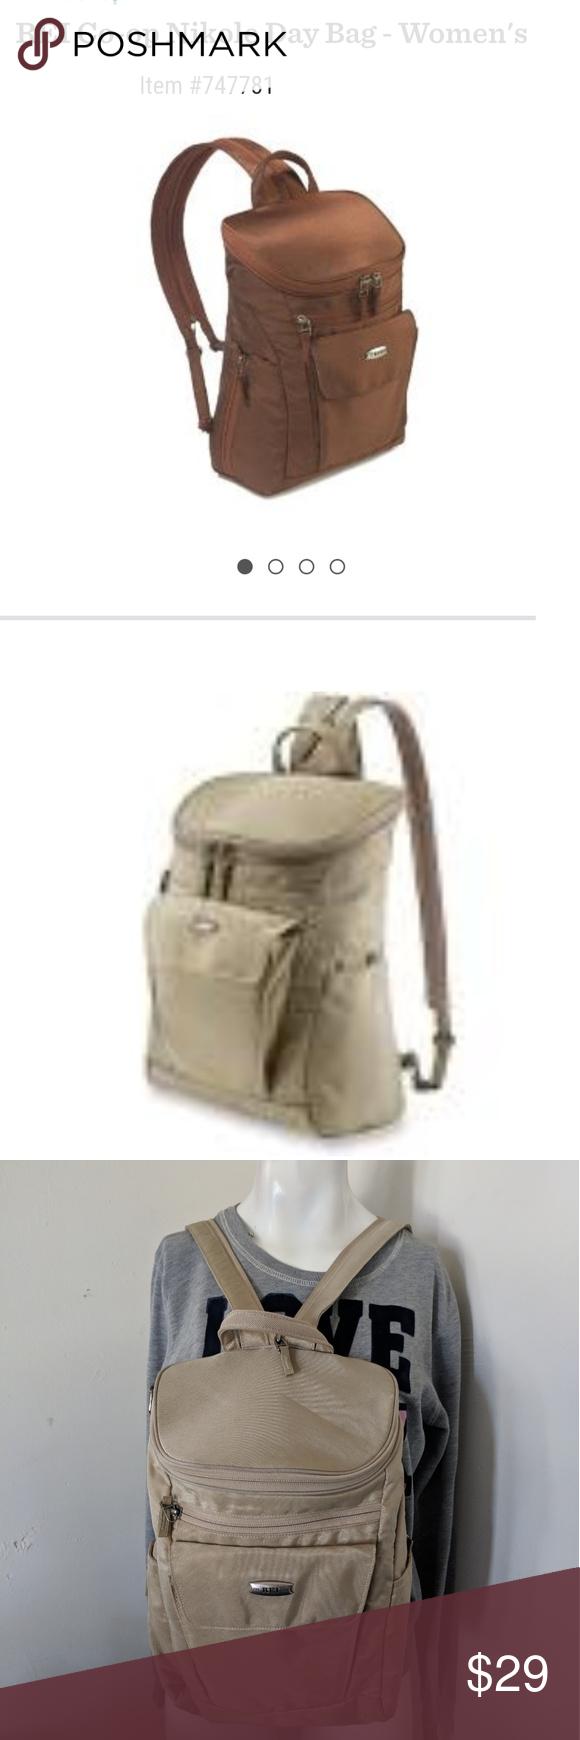 054c630286 REI Co-op Nikole Day Bag - Women s Item  747781 Excellent Condition ...